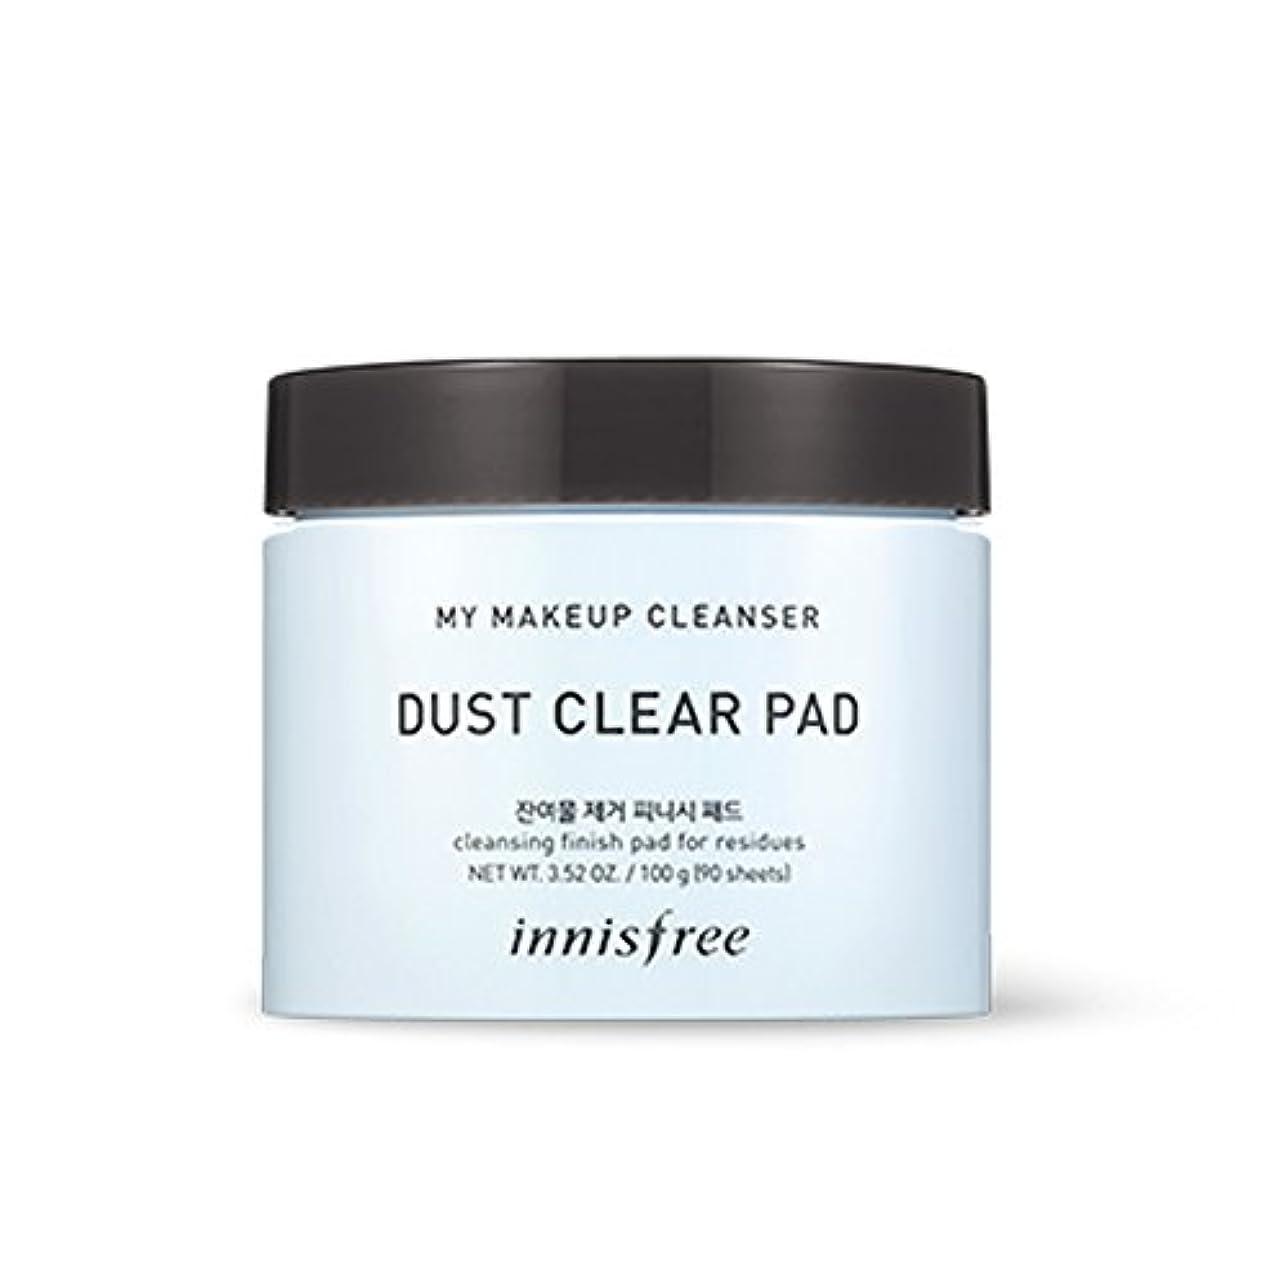 マウント肉腫落ちたイニスフリーマイメイクアップクレンザー - ダストクリアパッド90ea x 1個 Innisfree My Makeup Cleanser - Dust Clear Pad 90ea x 1pcs [海外直送品][並行輸入品]